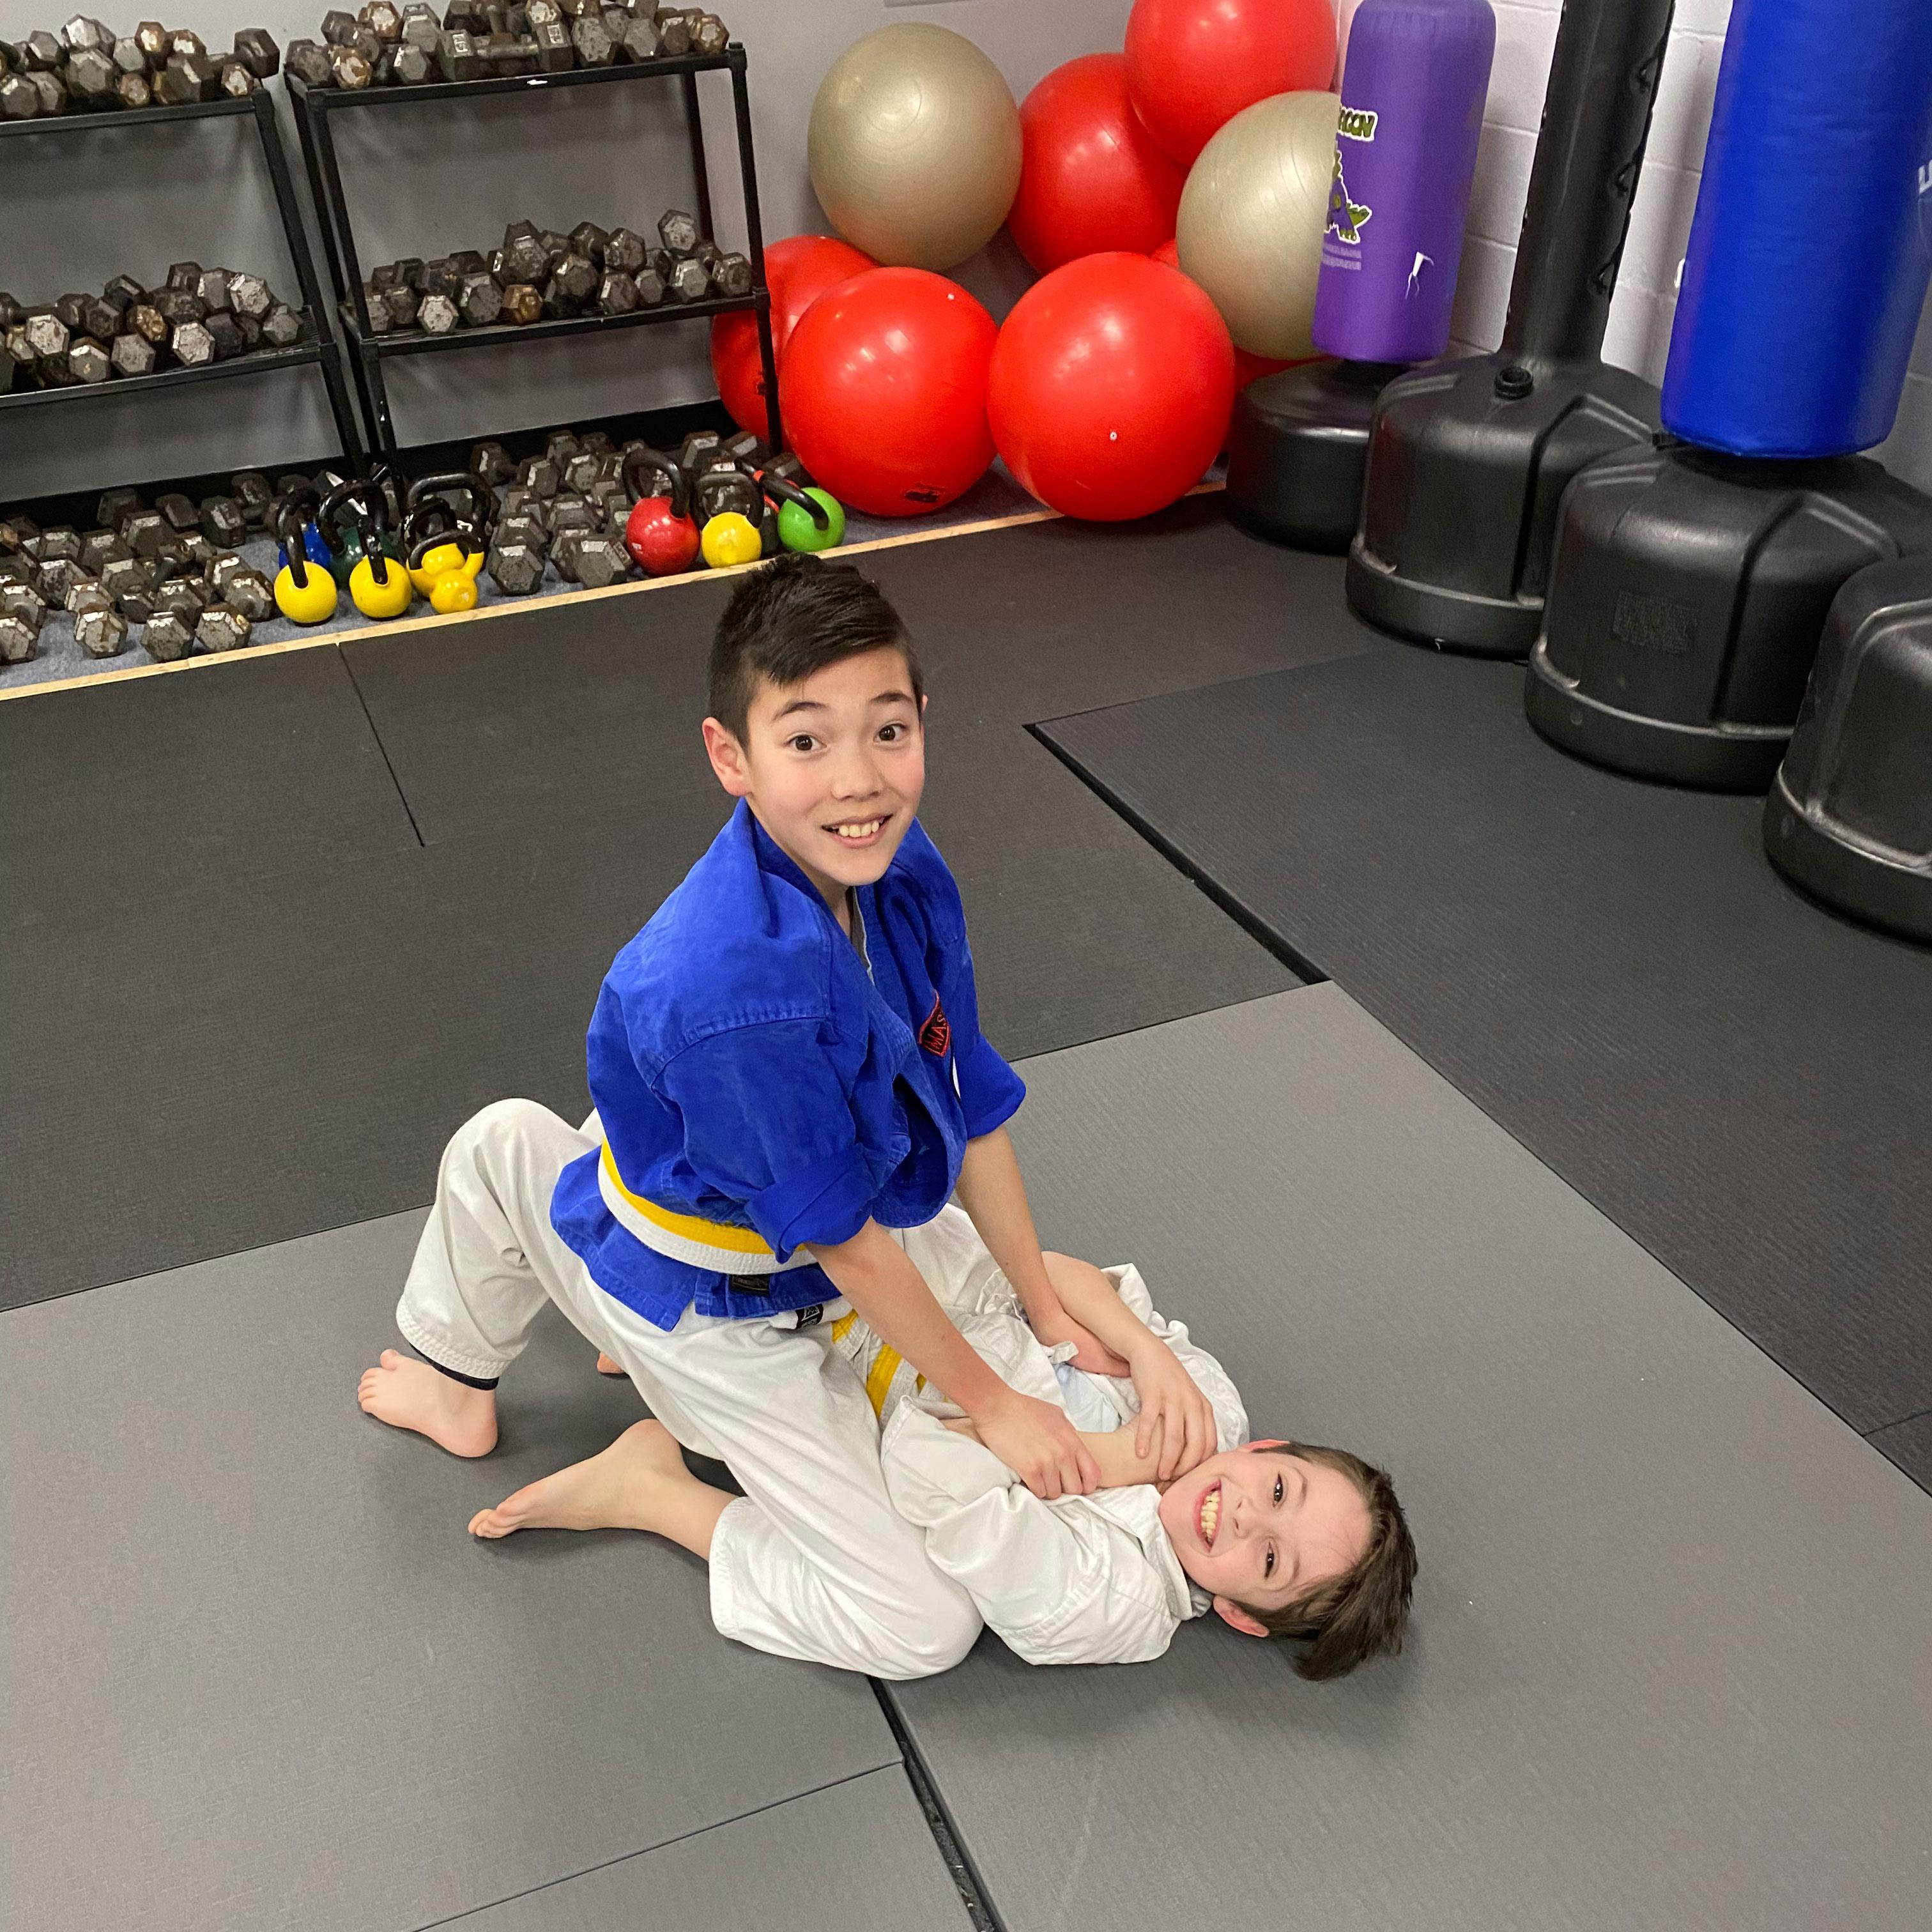 Two kids having fun and learning juijitsu